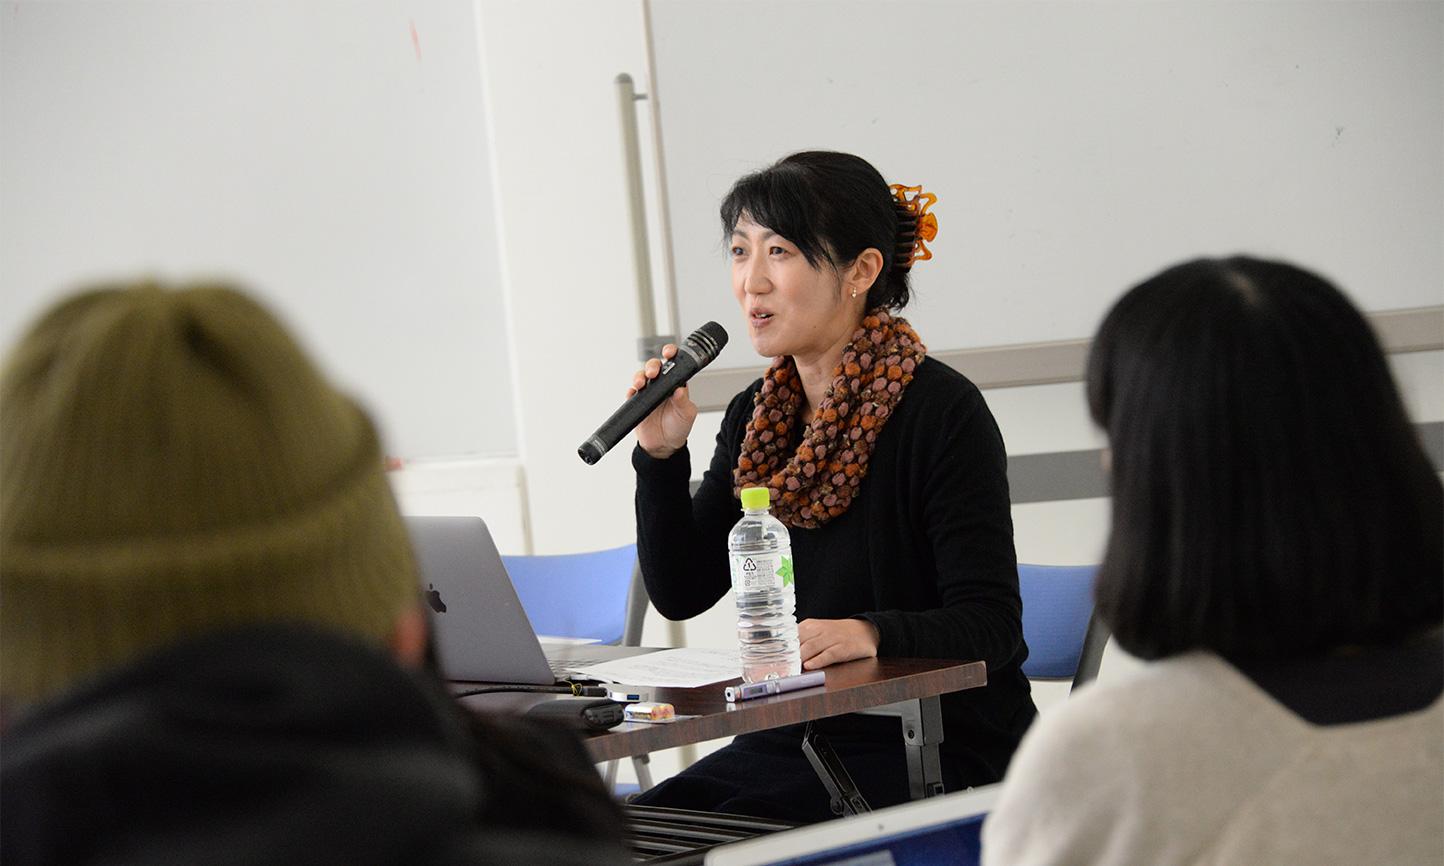 「2000年代の沖縄における美術の検証」:事例発表 阪田清子氏